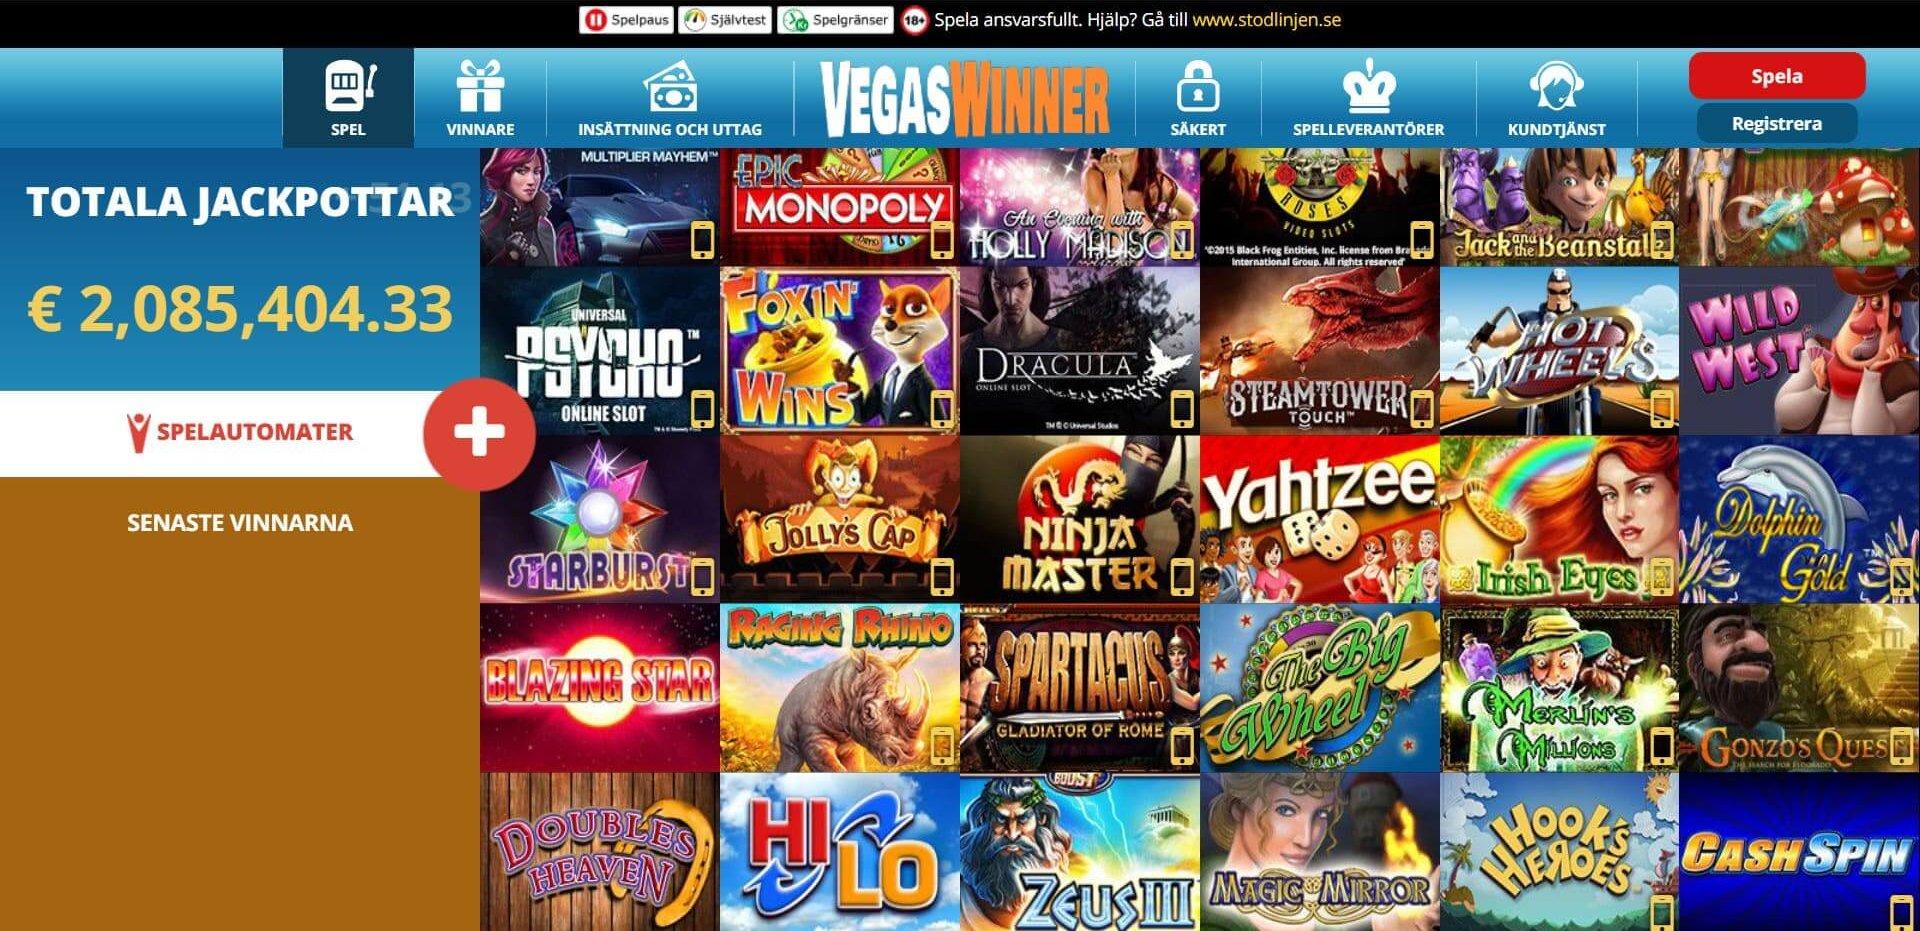 Vegas Winner ger dig en blandad kompott med härliga spel